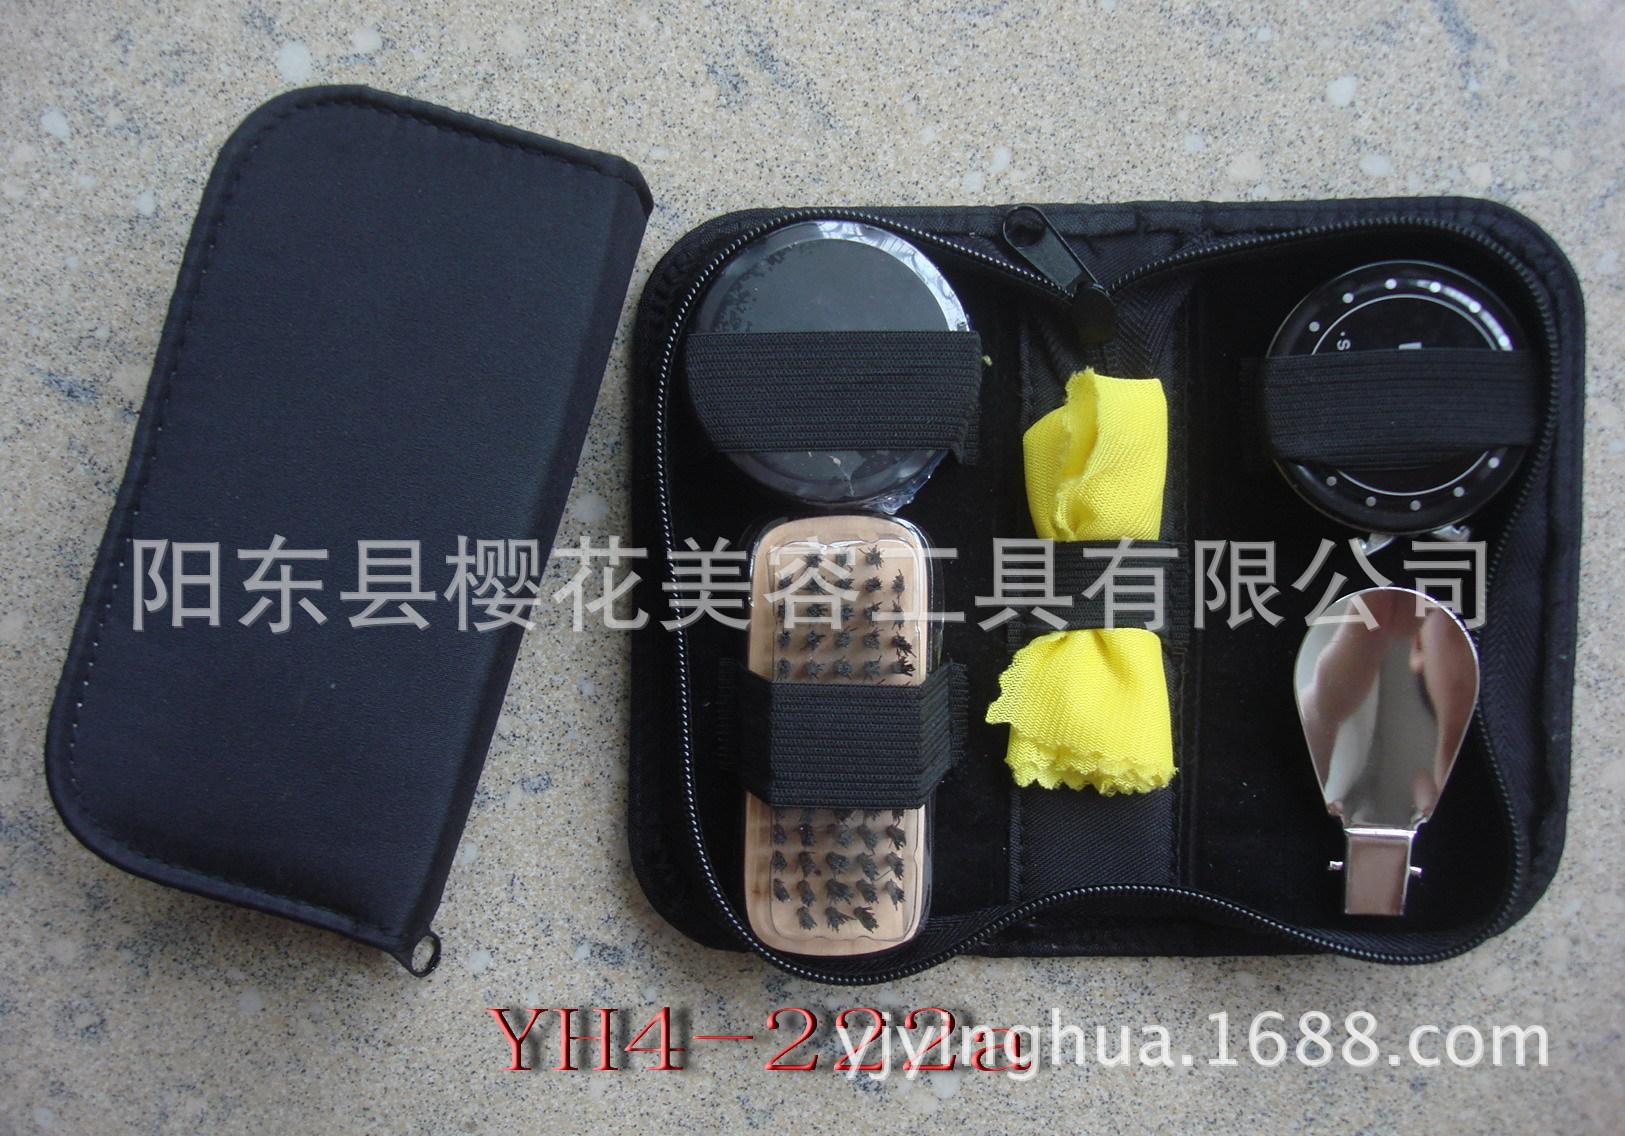 【厂家直销】优质低价擦鞋套装/鞋布/擦鞋工具